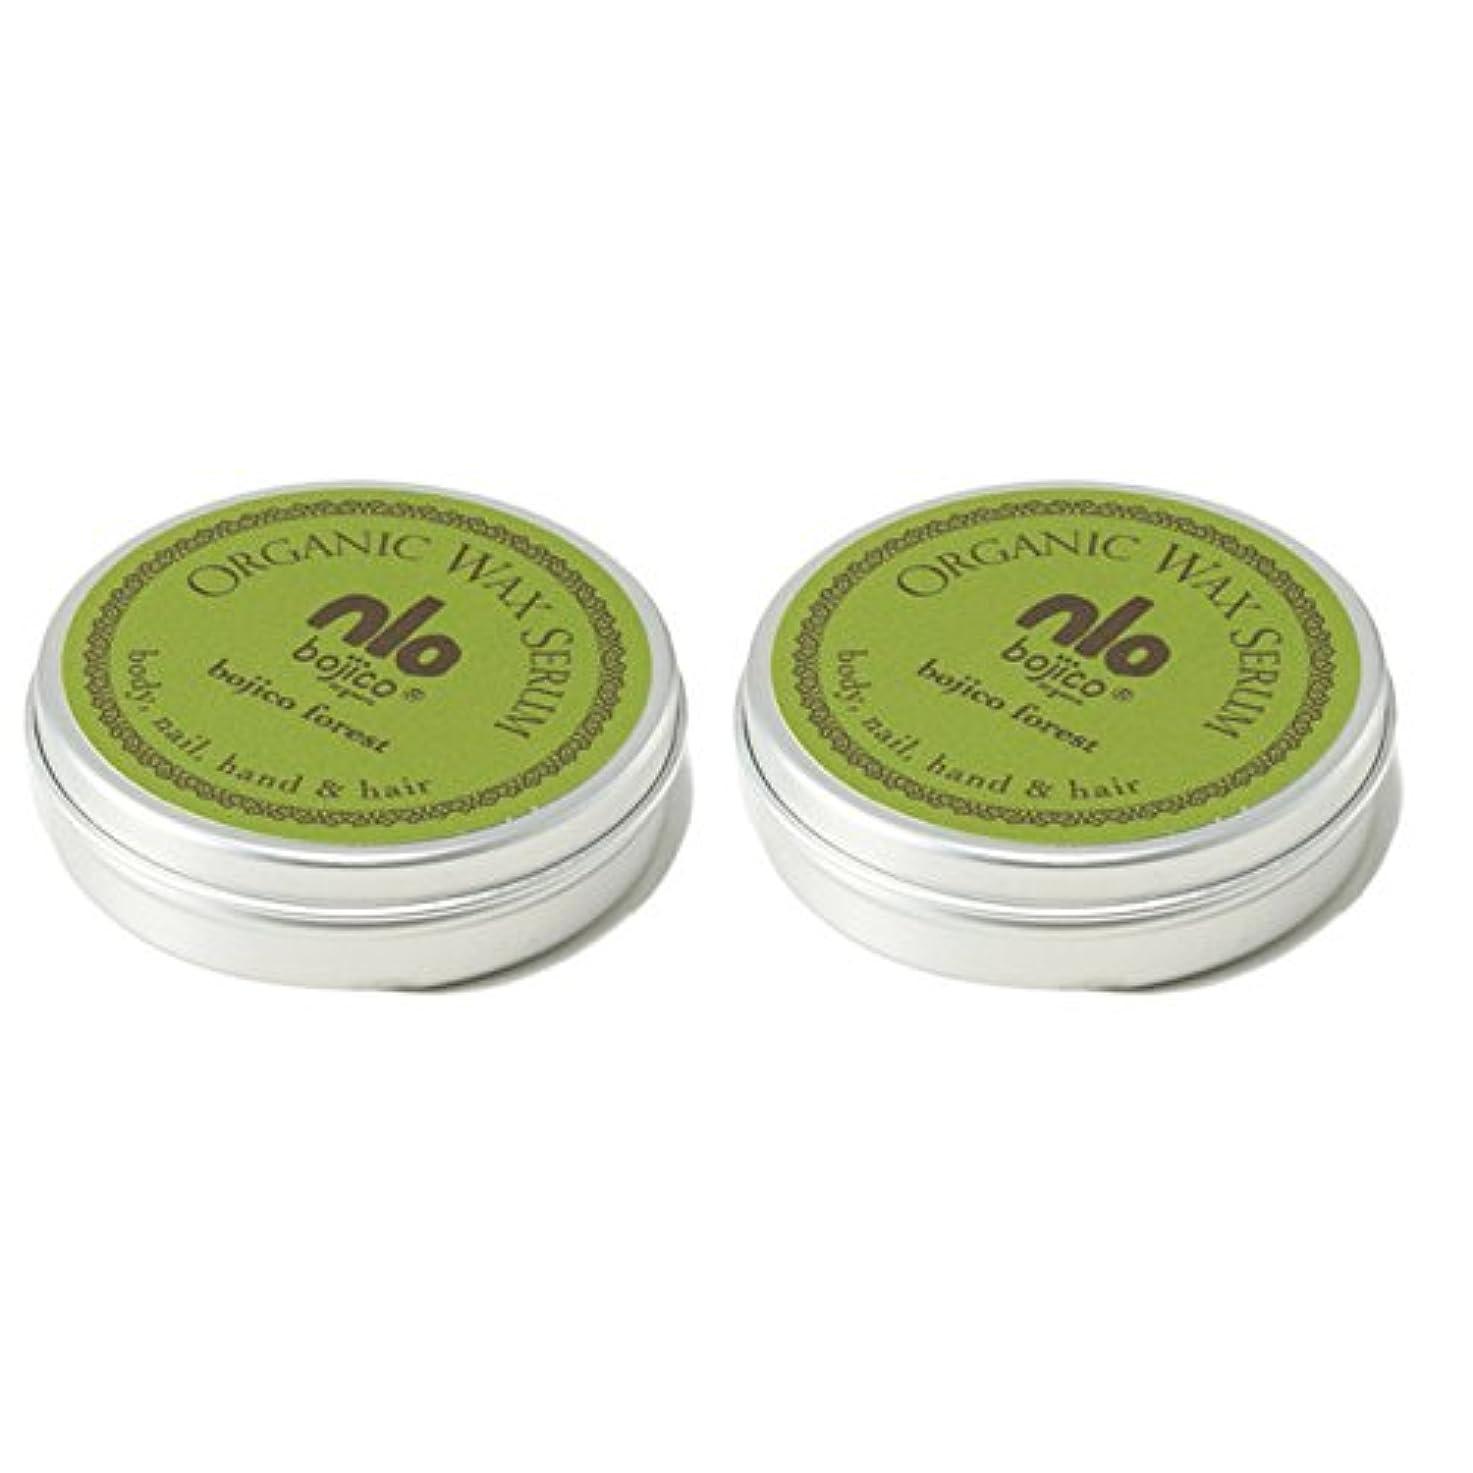 【40g×2個セット】 ボジコ オーガニック ワックス セラム <フォレスト> bojico Organic Wax Serum 40g×2